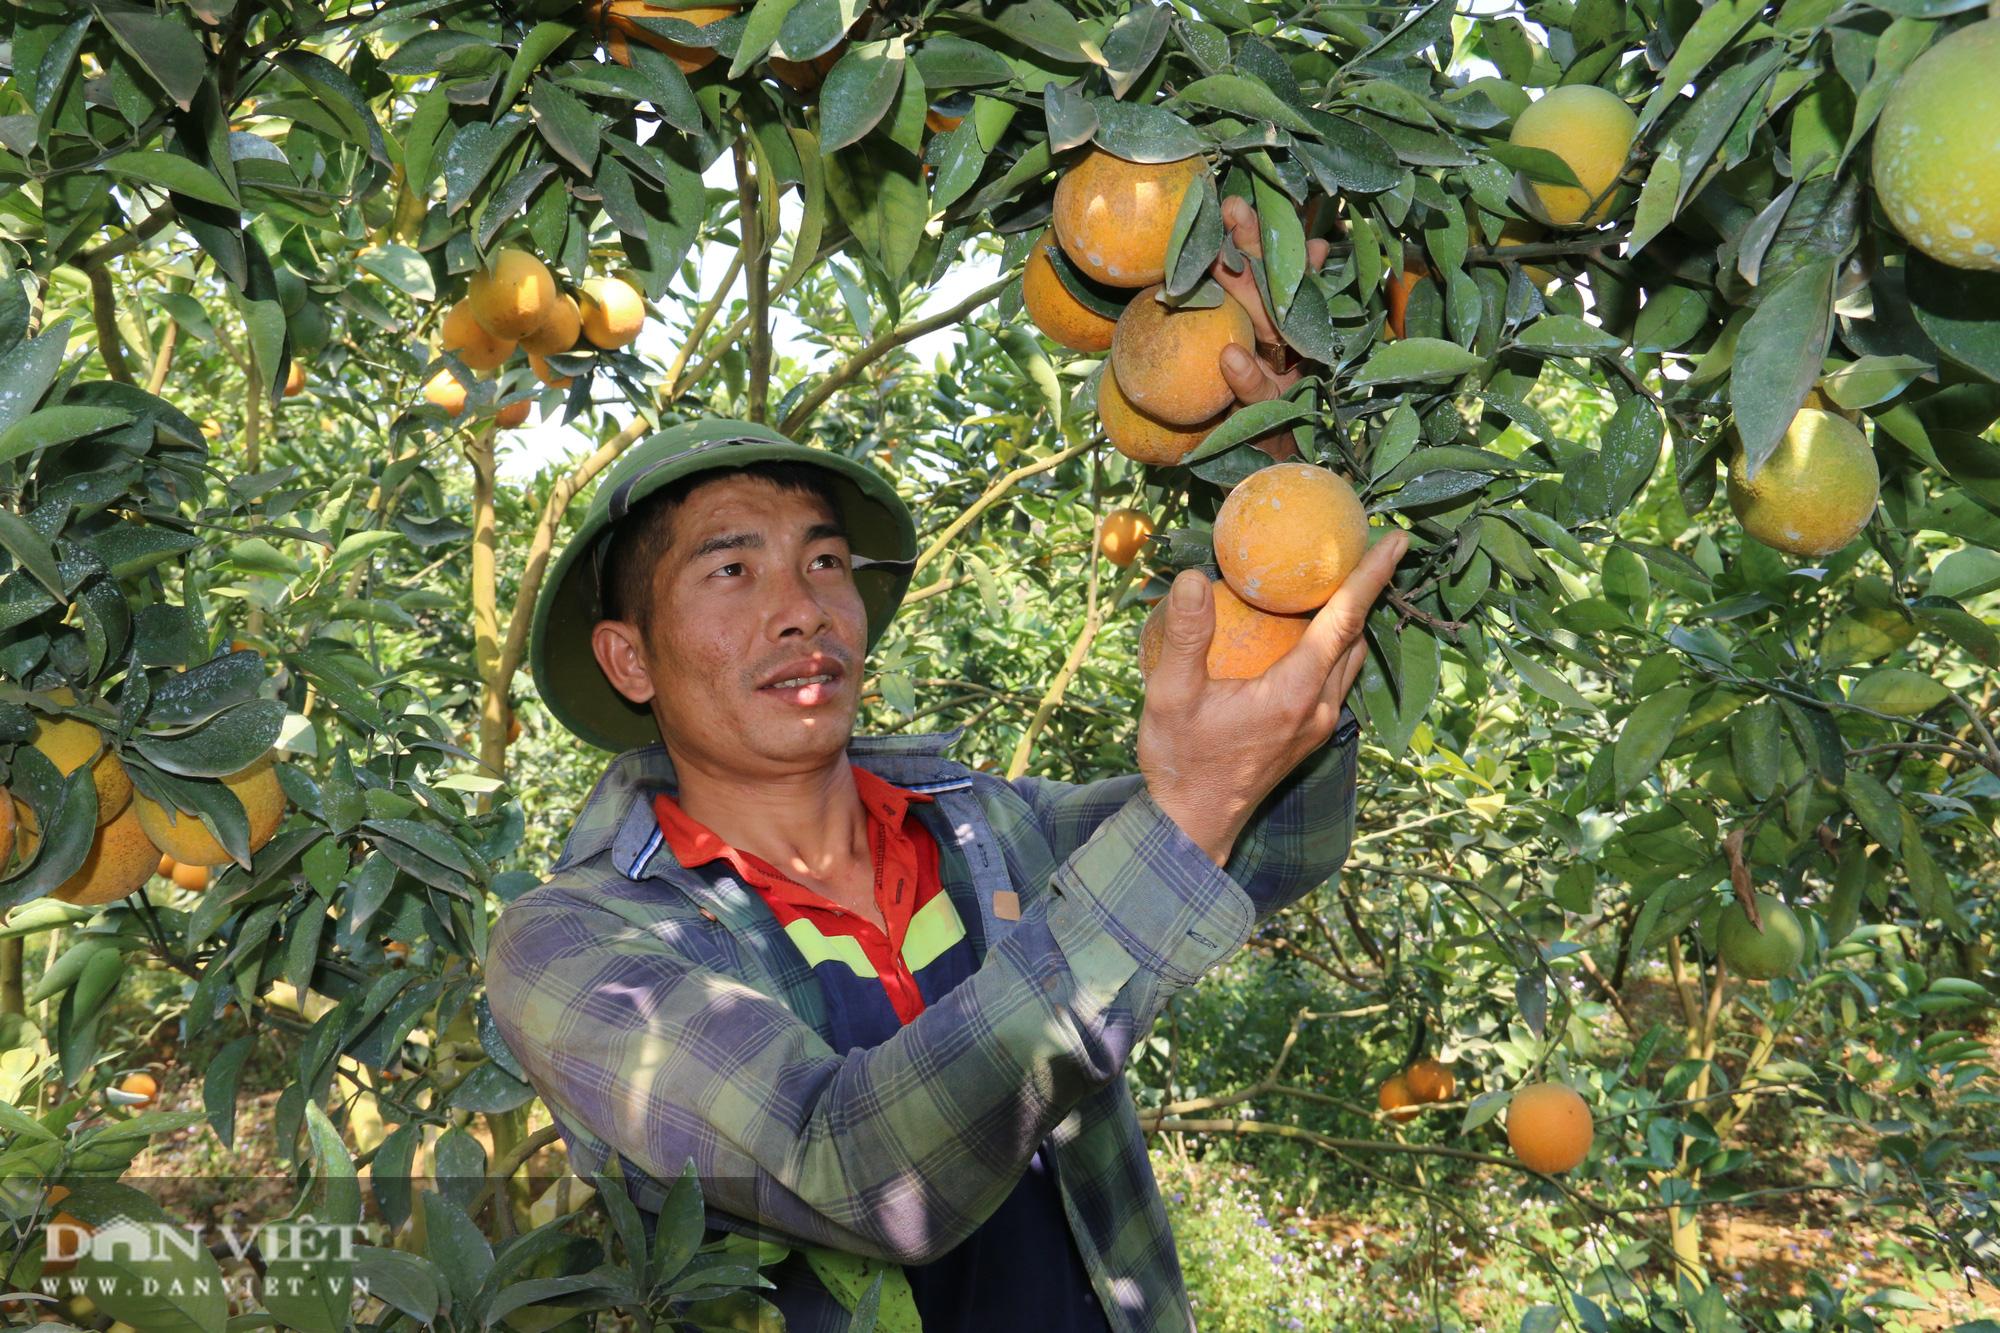 Ước mơ nhiều đời của nông dân Sơn La đang trở thành hiện thực - Ảnh 2.